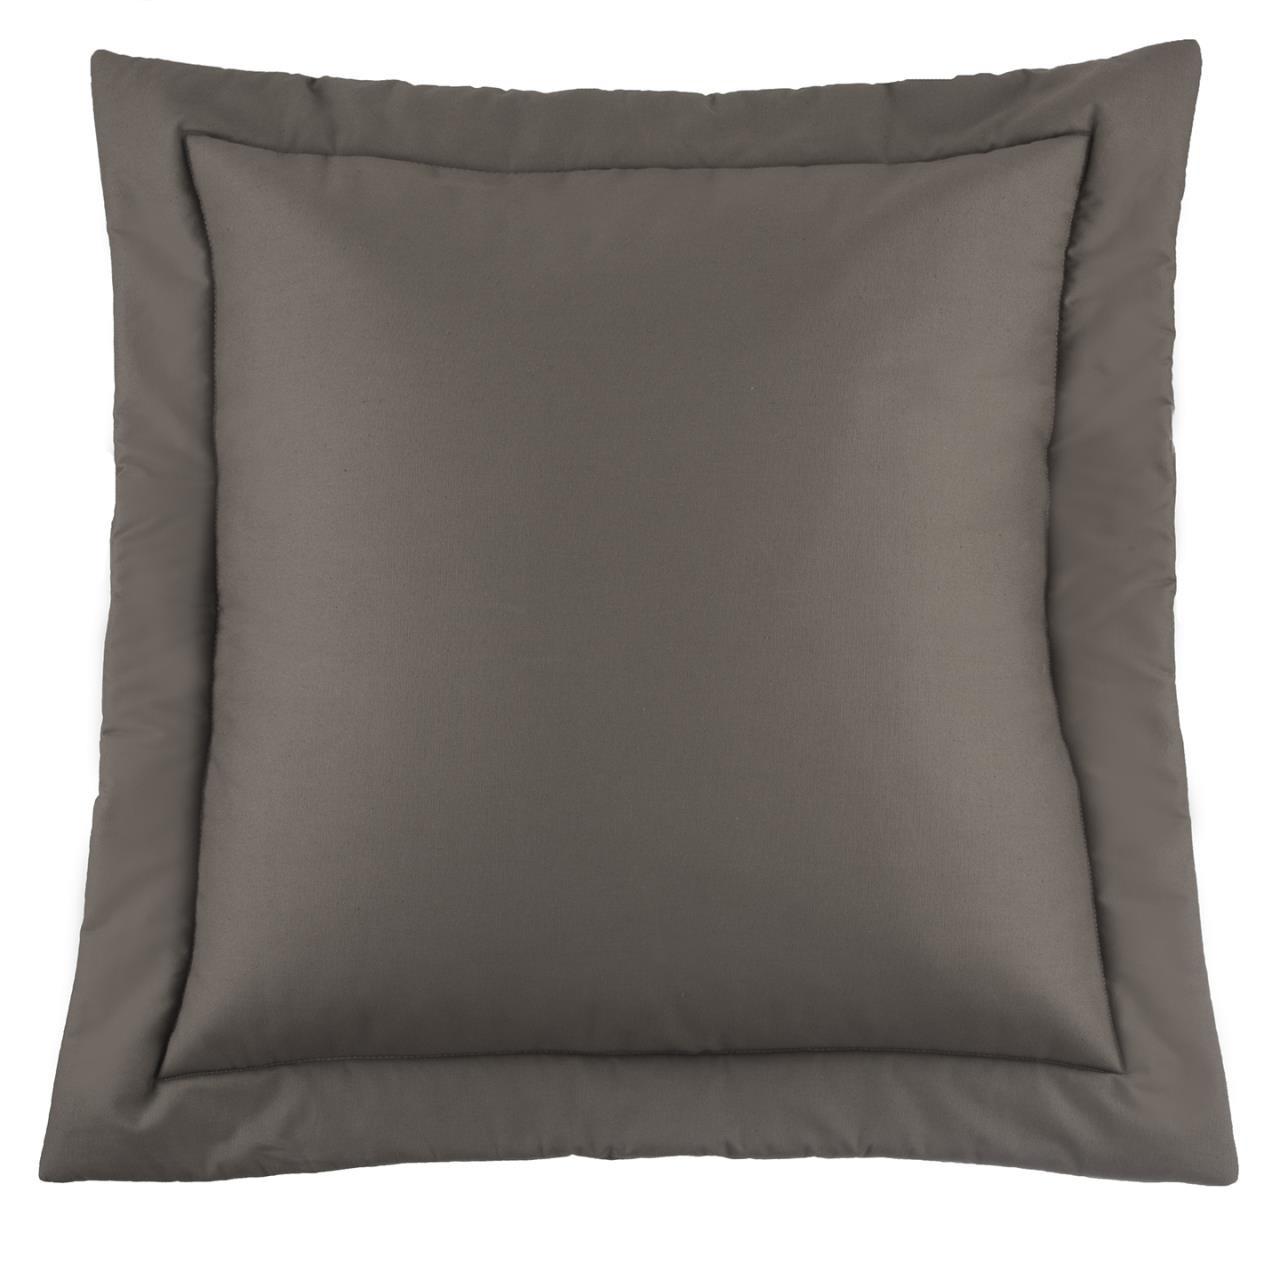 Belmont Metal Grey Euro Sham - 138641199620